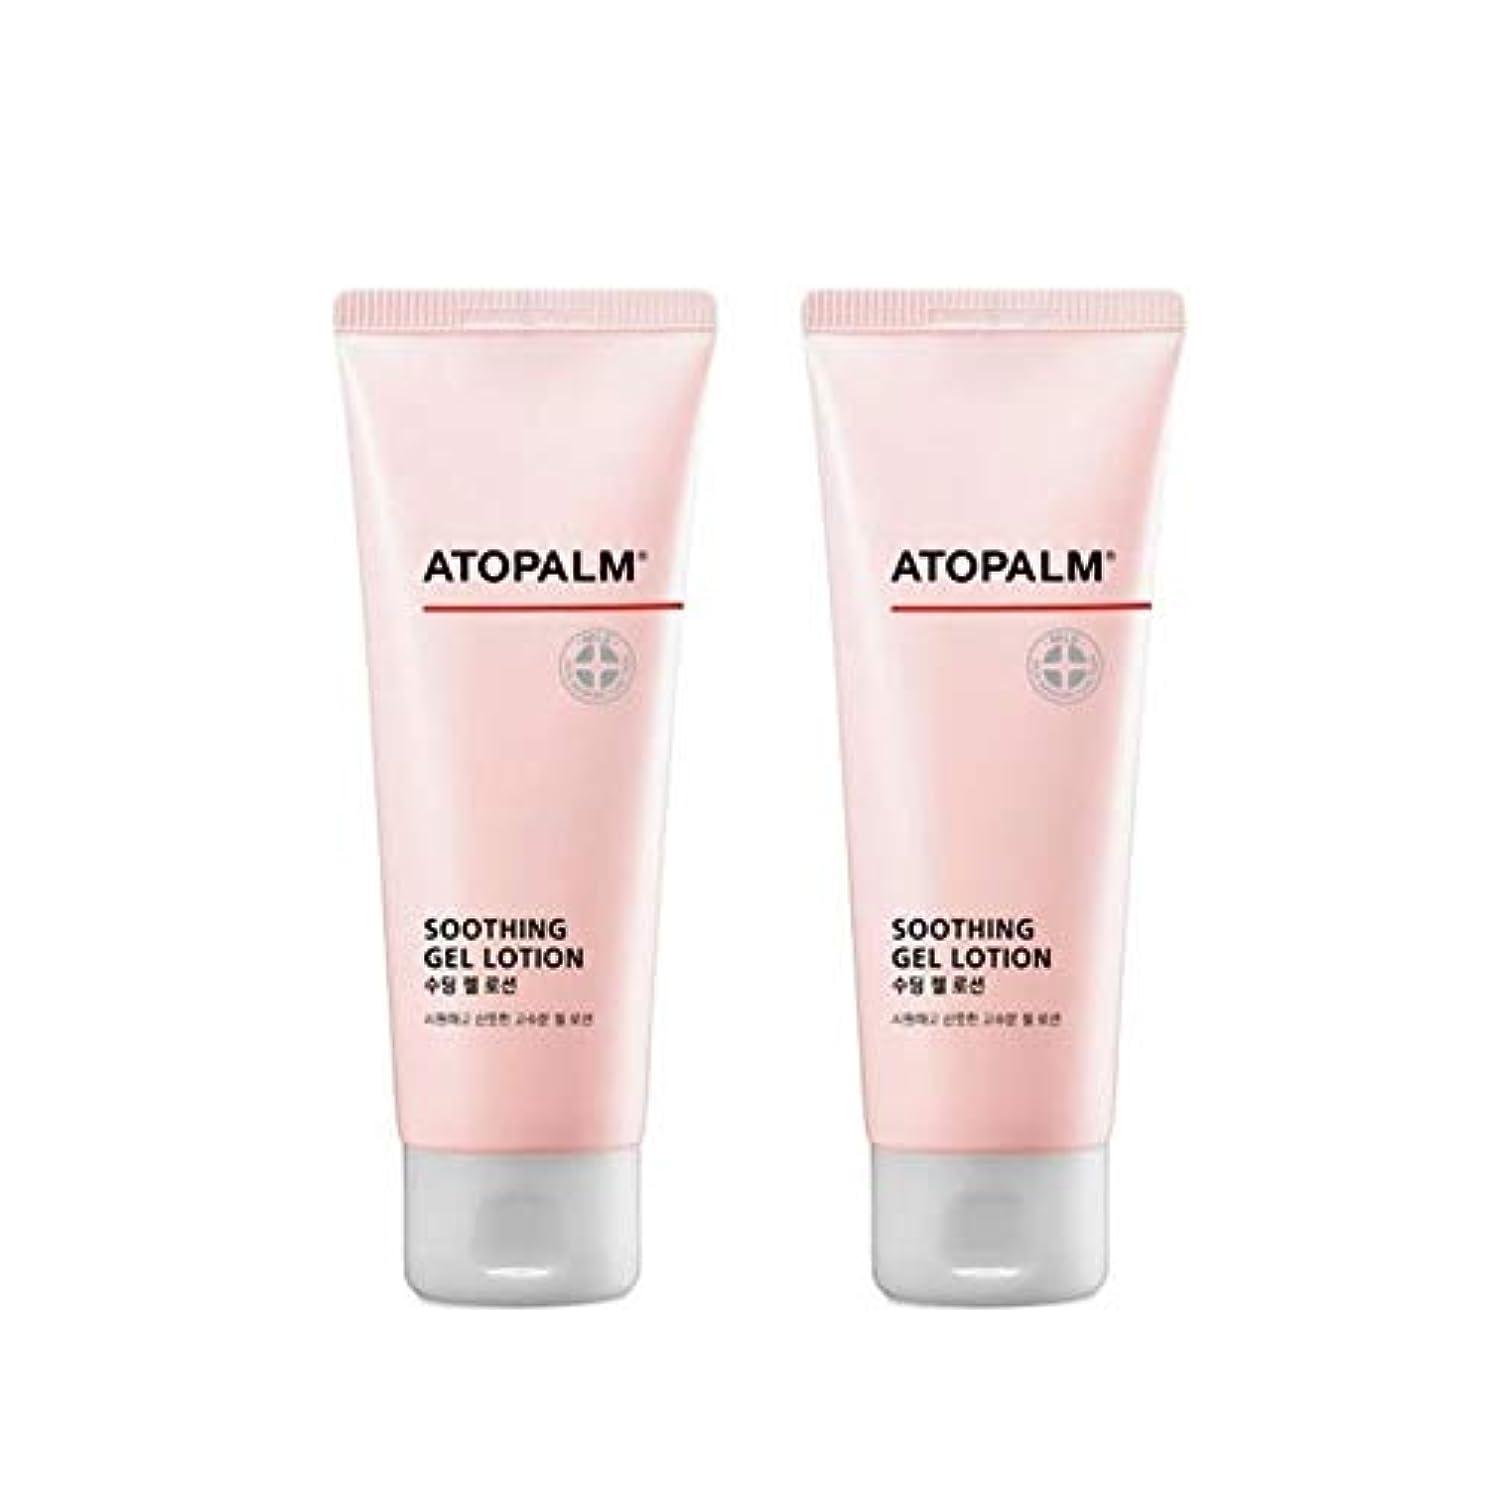 バランスのとれたパネル求めるアトパムスディンジェルローション120mlx2本セットベビーローション韓国コスメ、Atopalm Soothing Gel Lotion 120ml x 2ea Set Baby Lotion Korean Cosmetics...